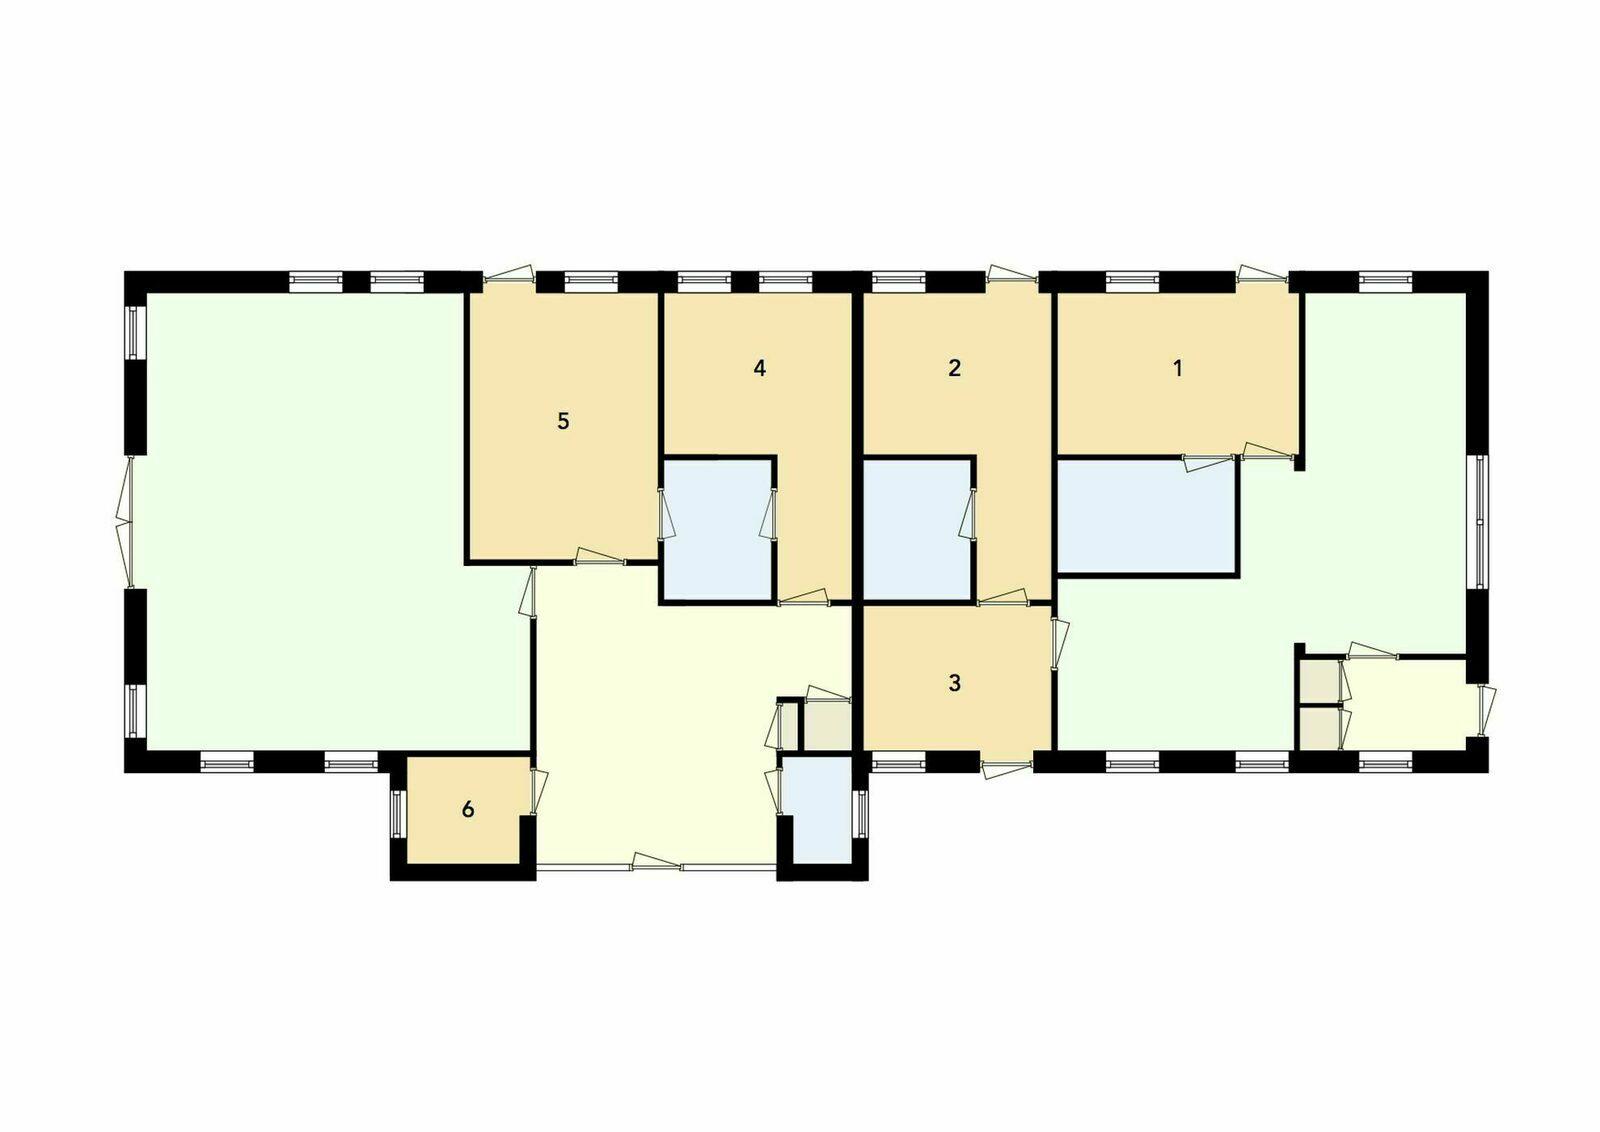 Vakantiehuis Dwingeloo